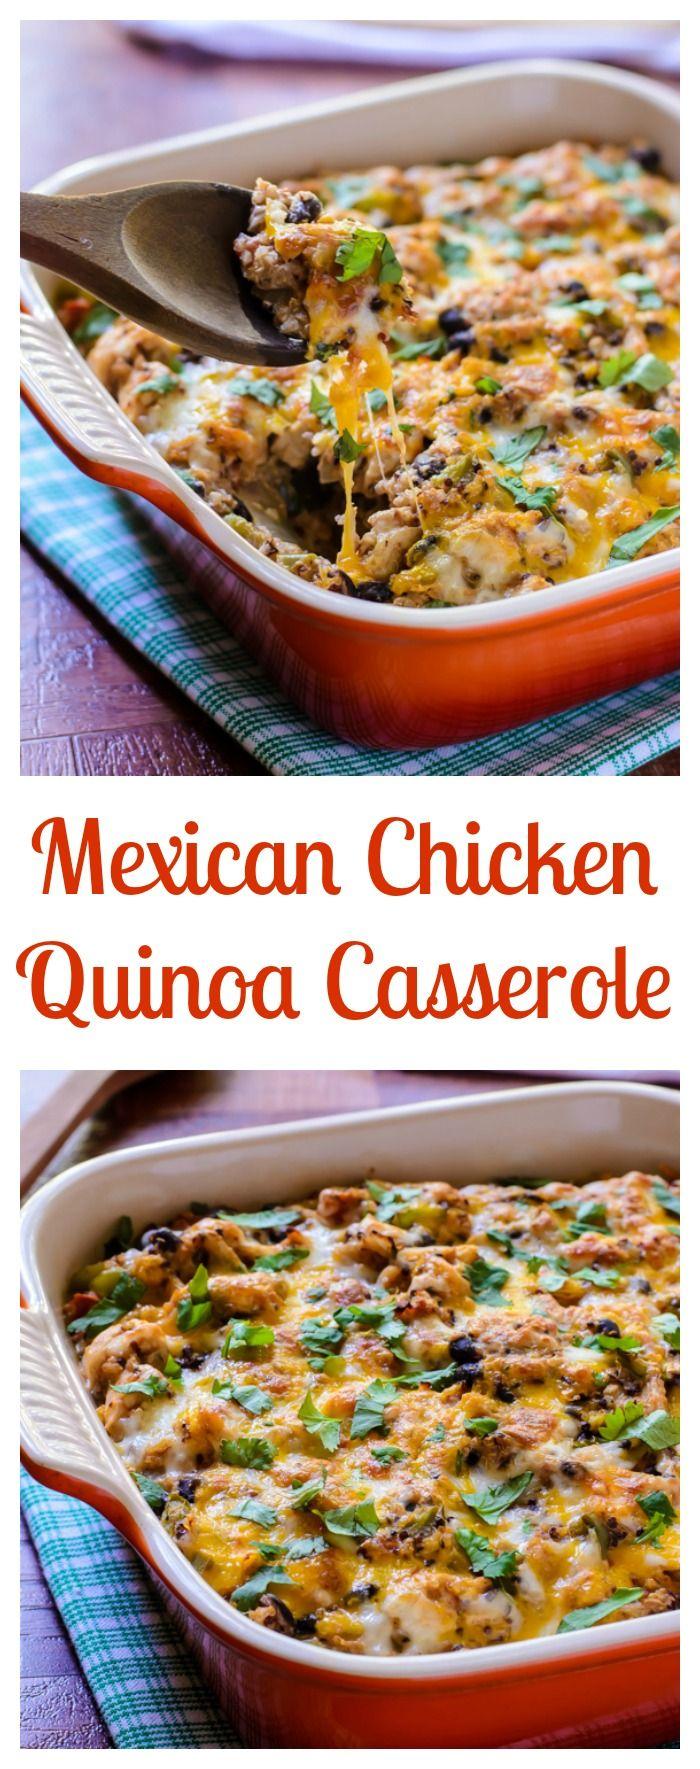 Cheesy Mexican Chicken Quinoa Casserole. Fun family dinner recipe everyone will love!